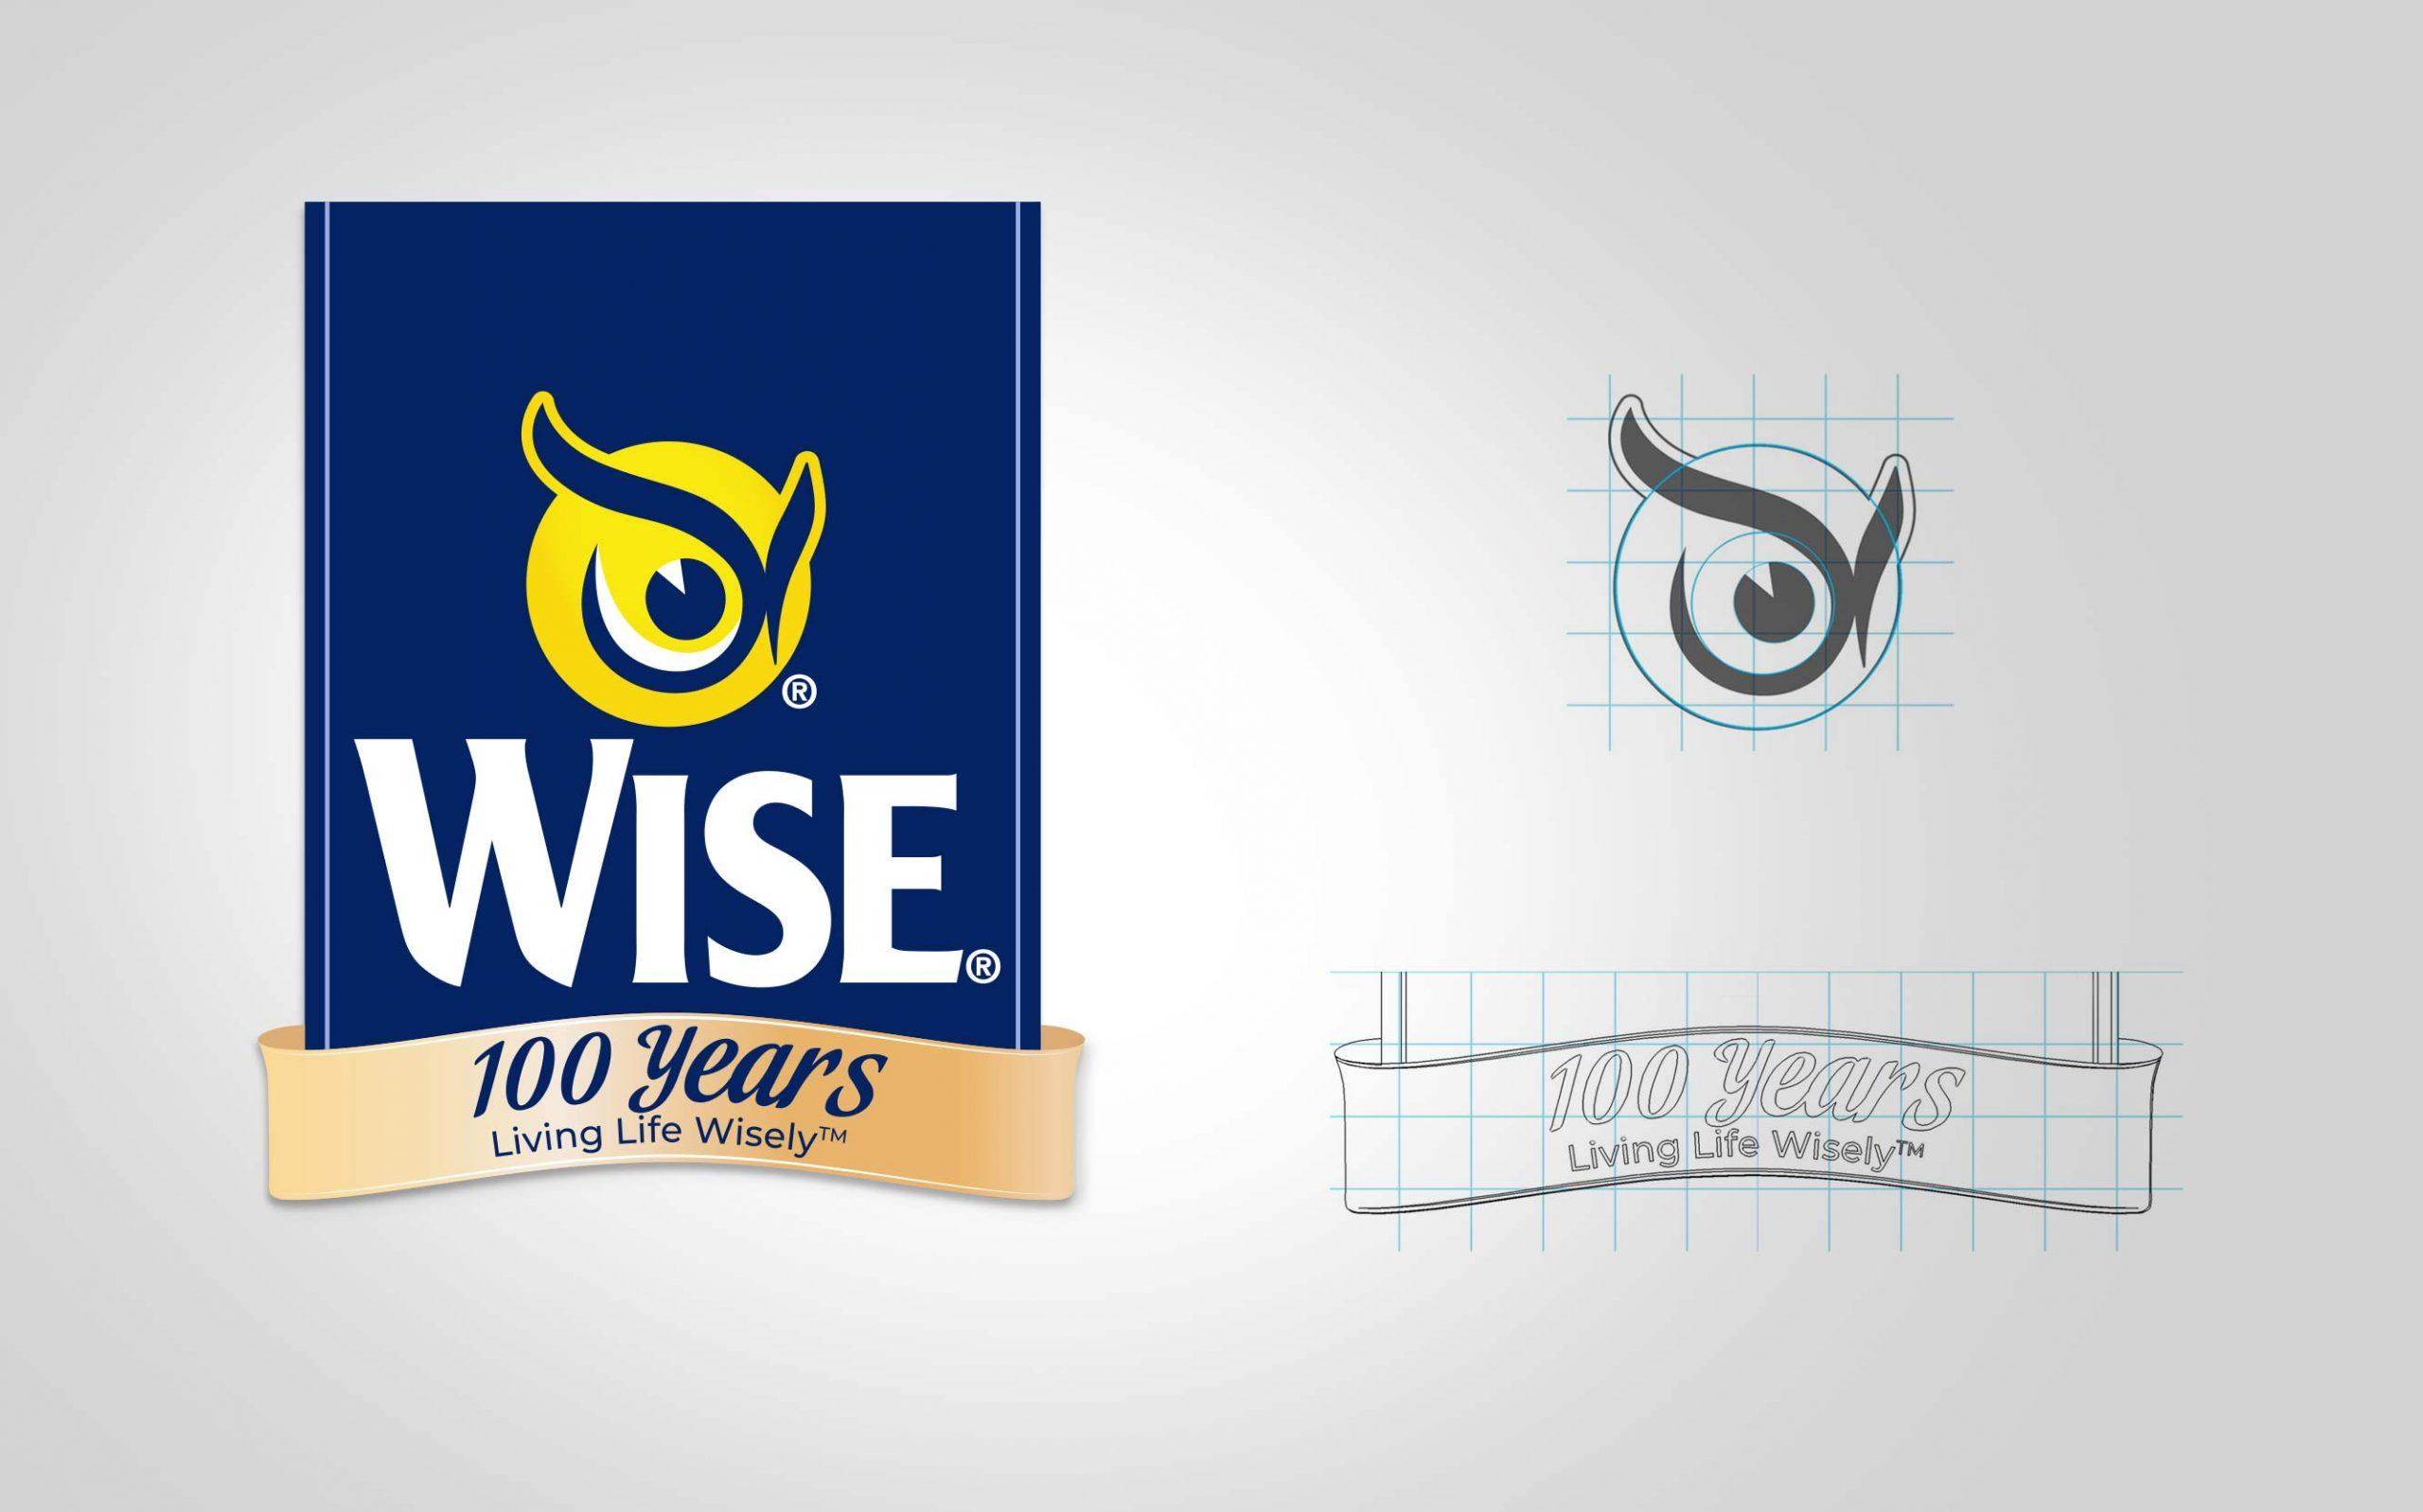 Detalhe do desenho da marca Wise para comemorar seus 100 anos e sua grade construtiva